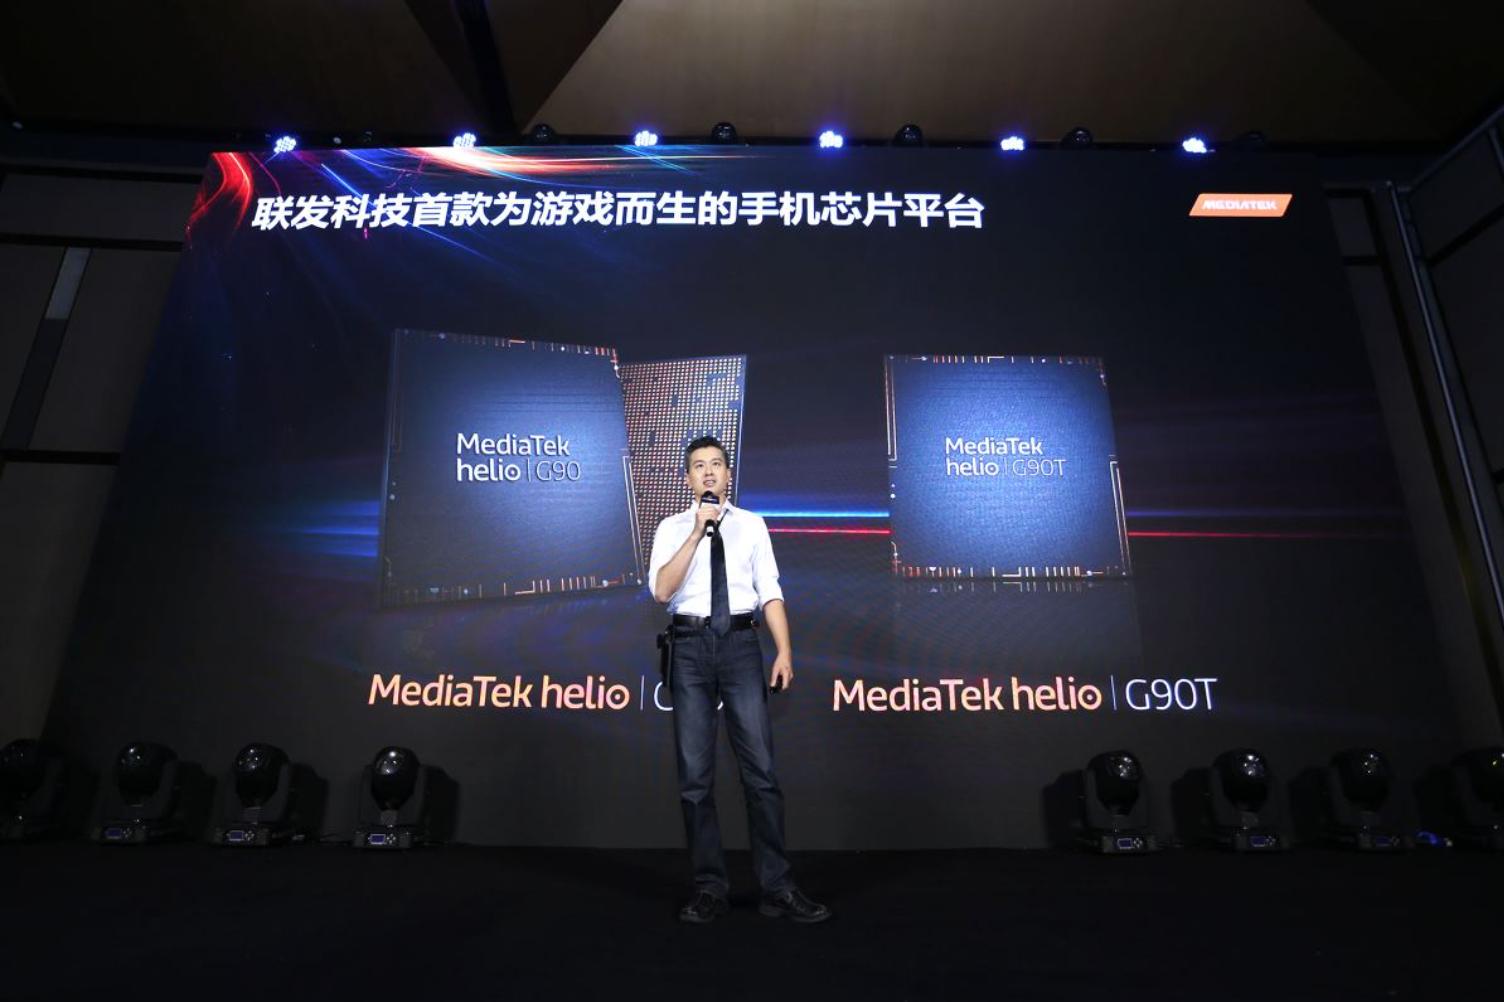 联发科发游戏手机芯片Helio G90 小米Redmi首发 或两个月内面世